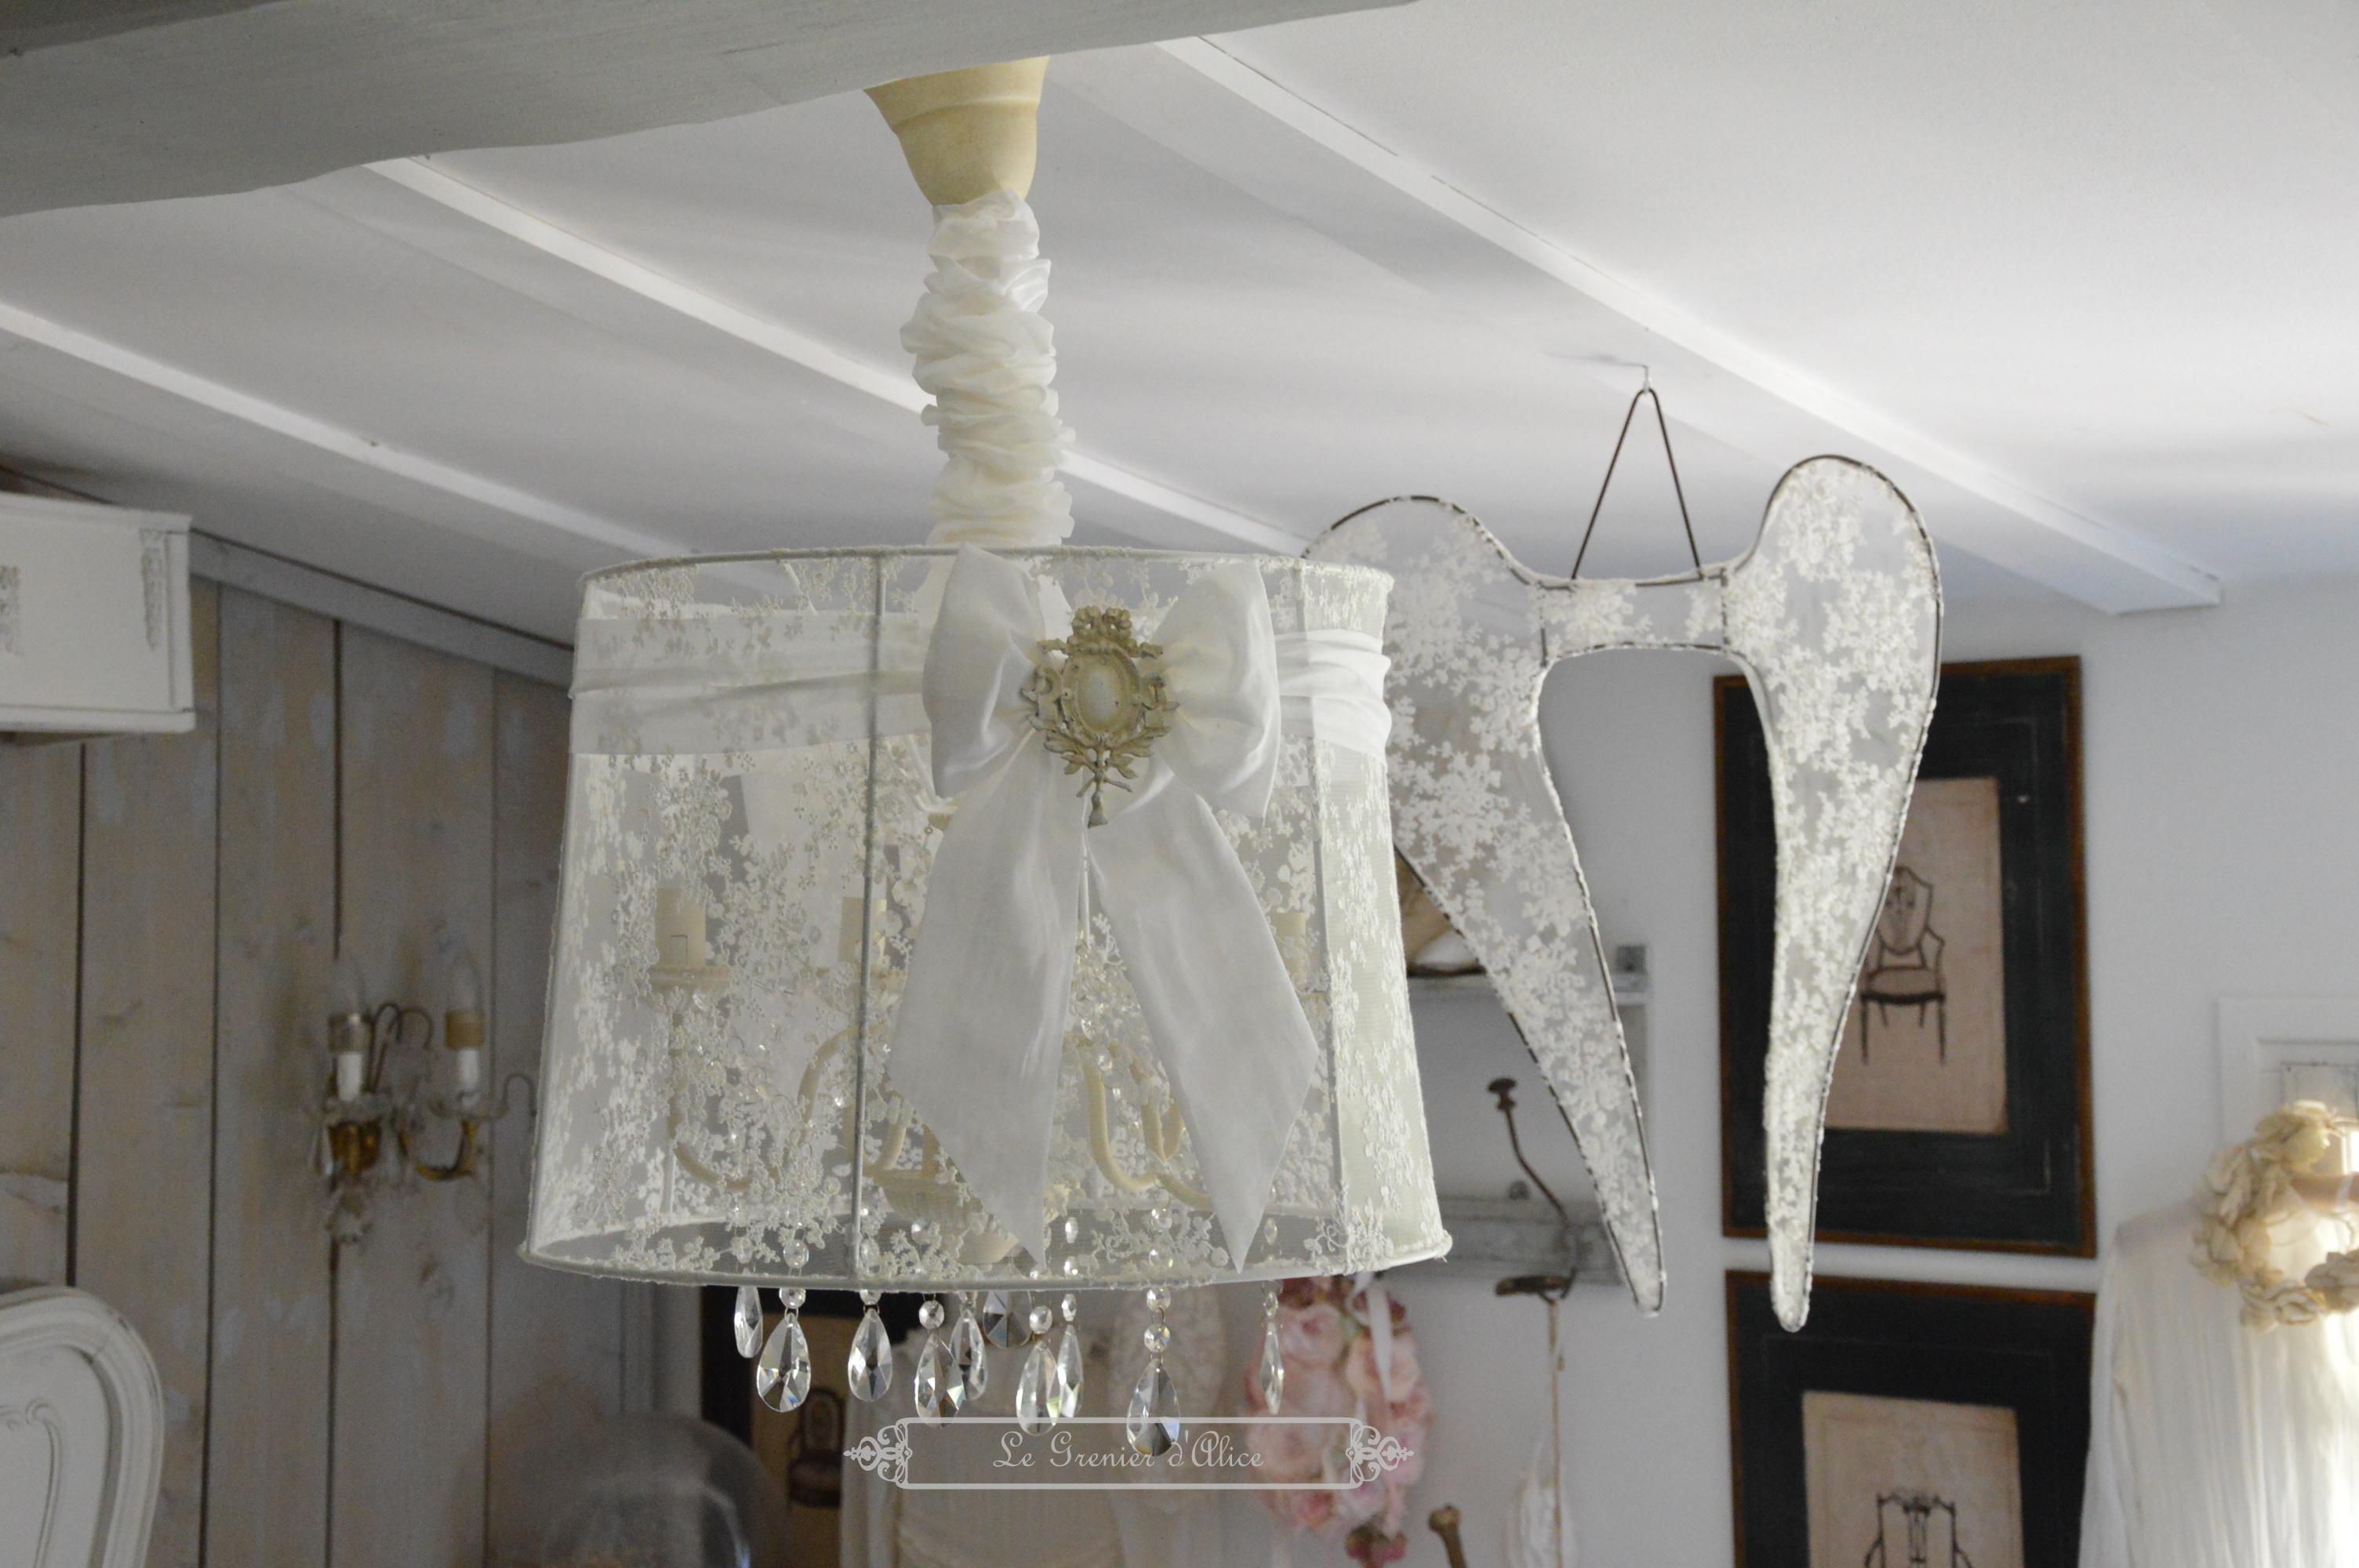 Suspension abat jour lustre aile d ange relooking tulle broderie voile de mariée organdi blanc romantique shabby chic vintage french decor nordique scandinave